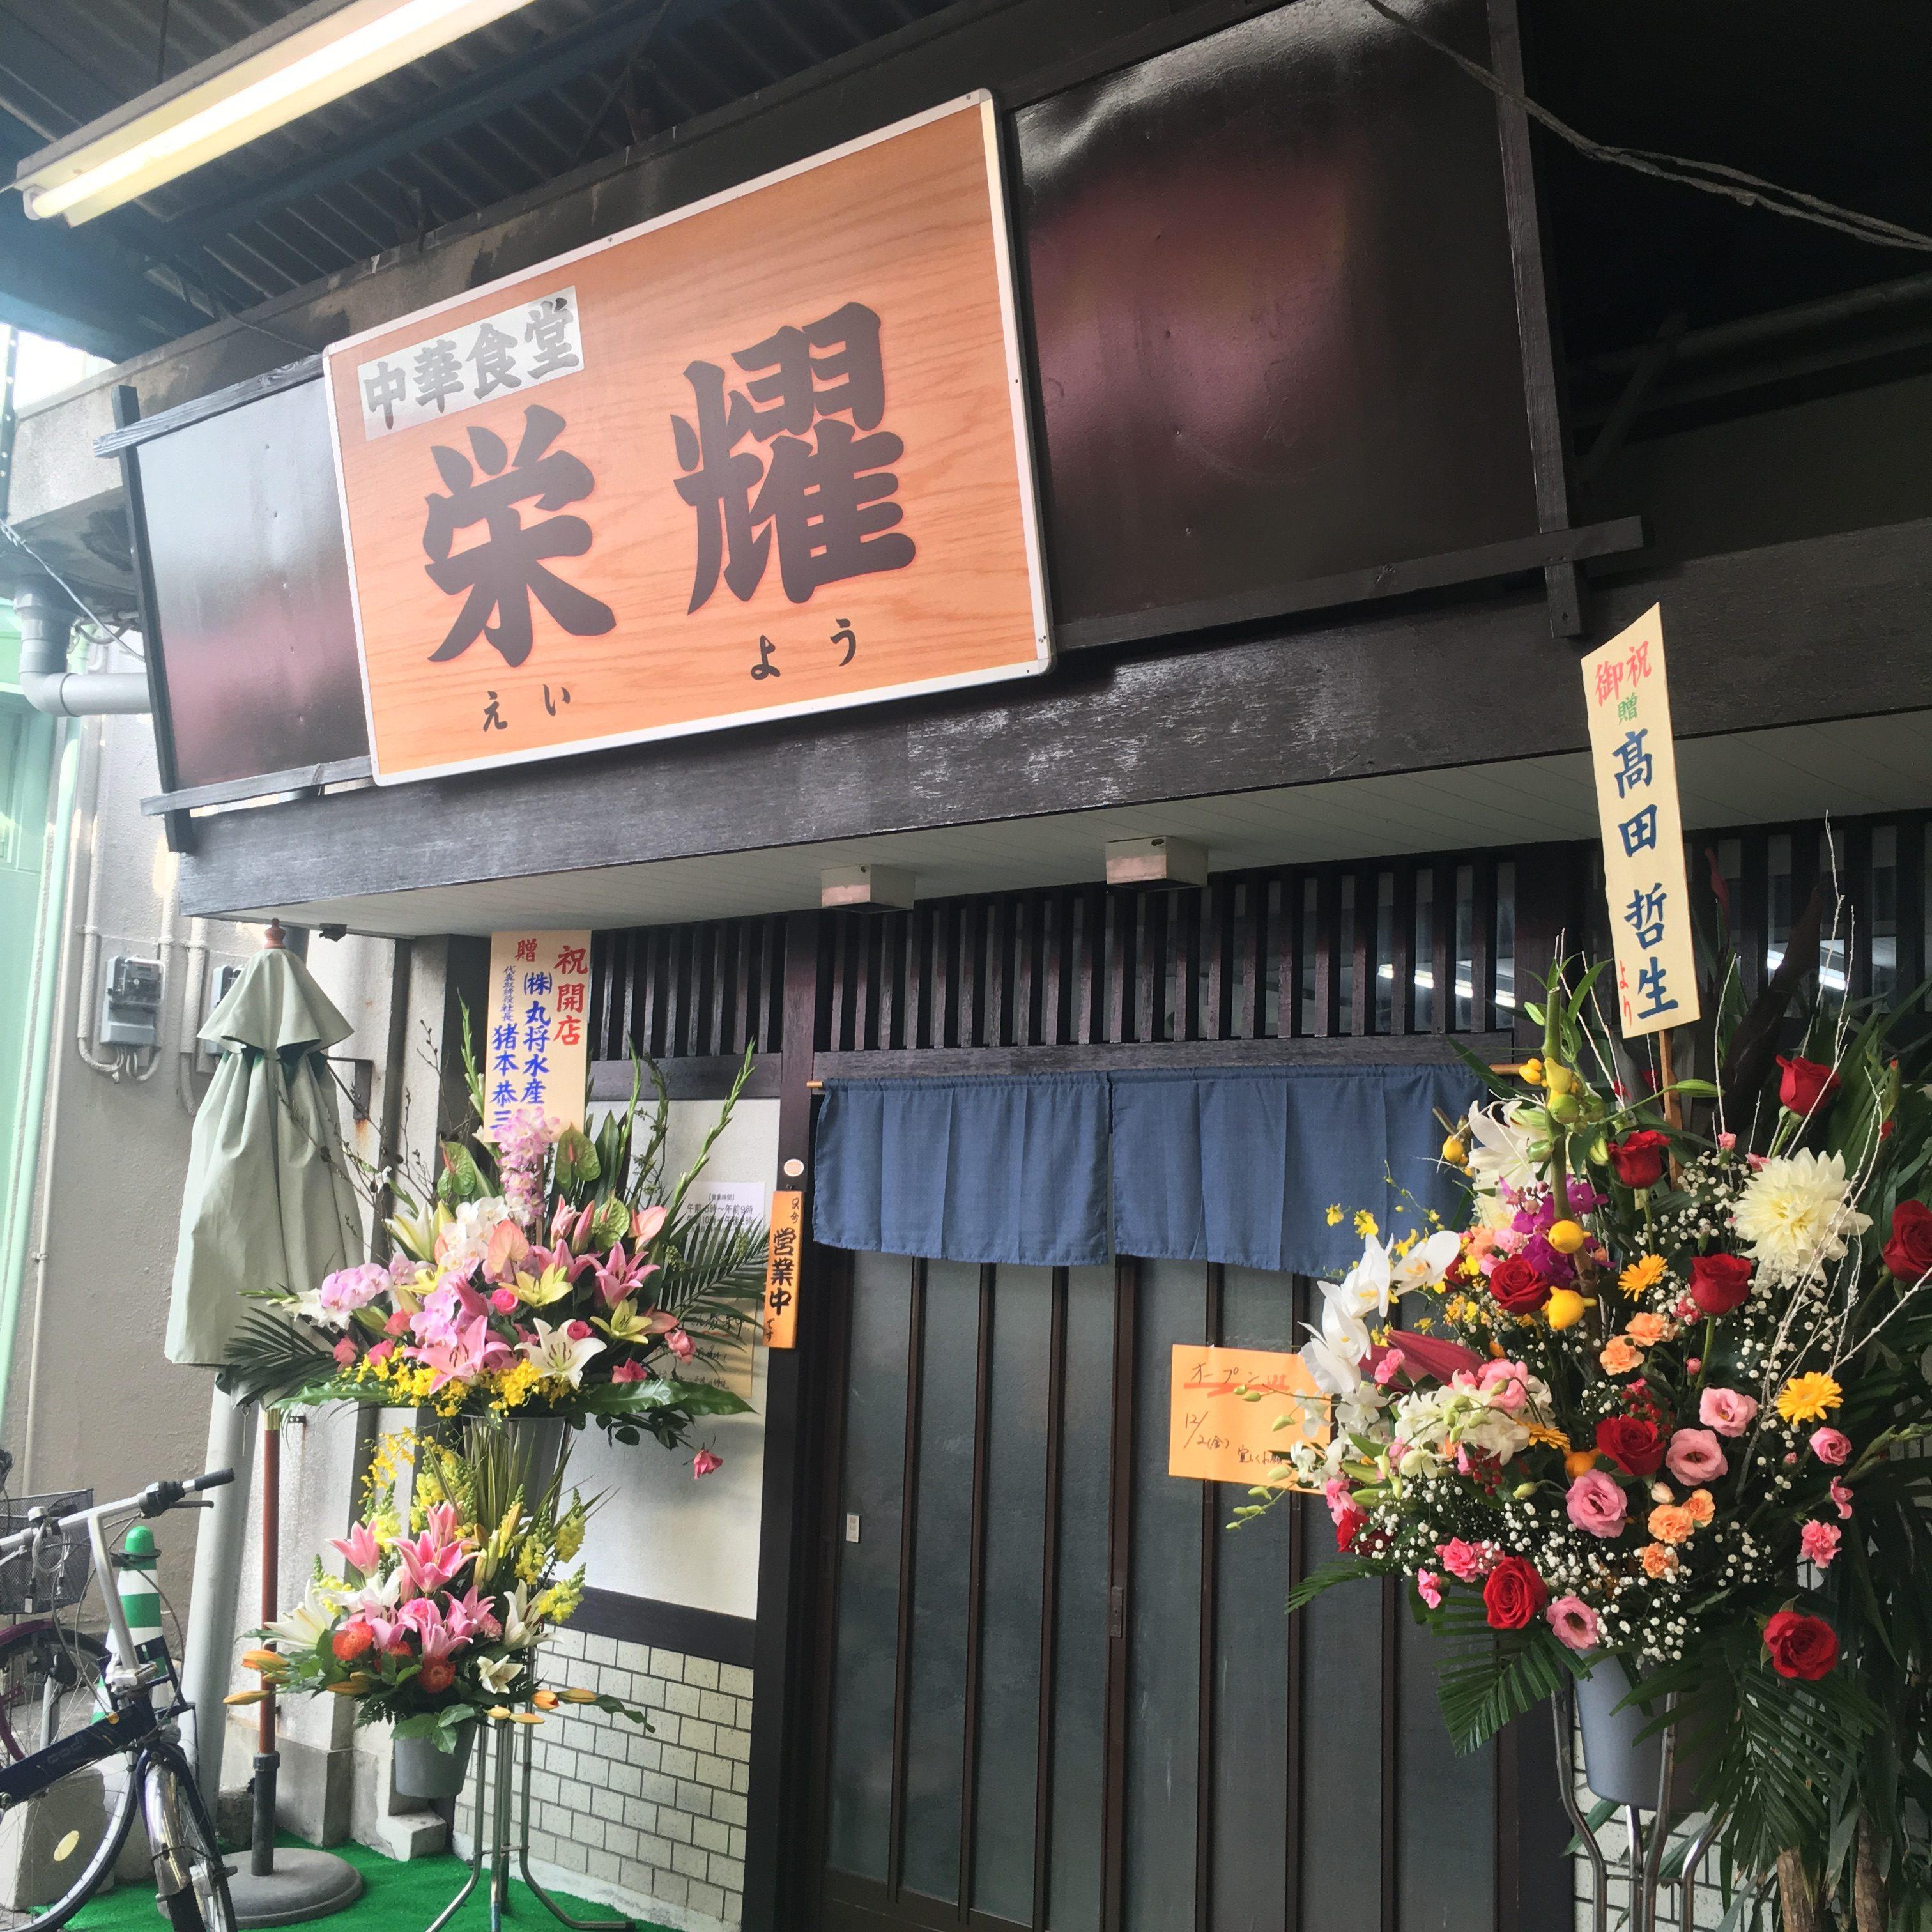 【栄耀】熊本田崎市場でランチした!食べたらハマる「油淋鶏」&メニュー紹介